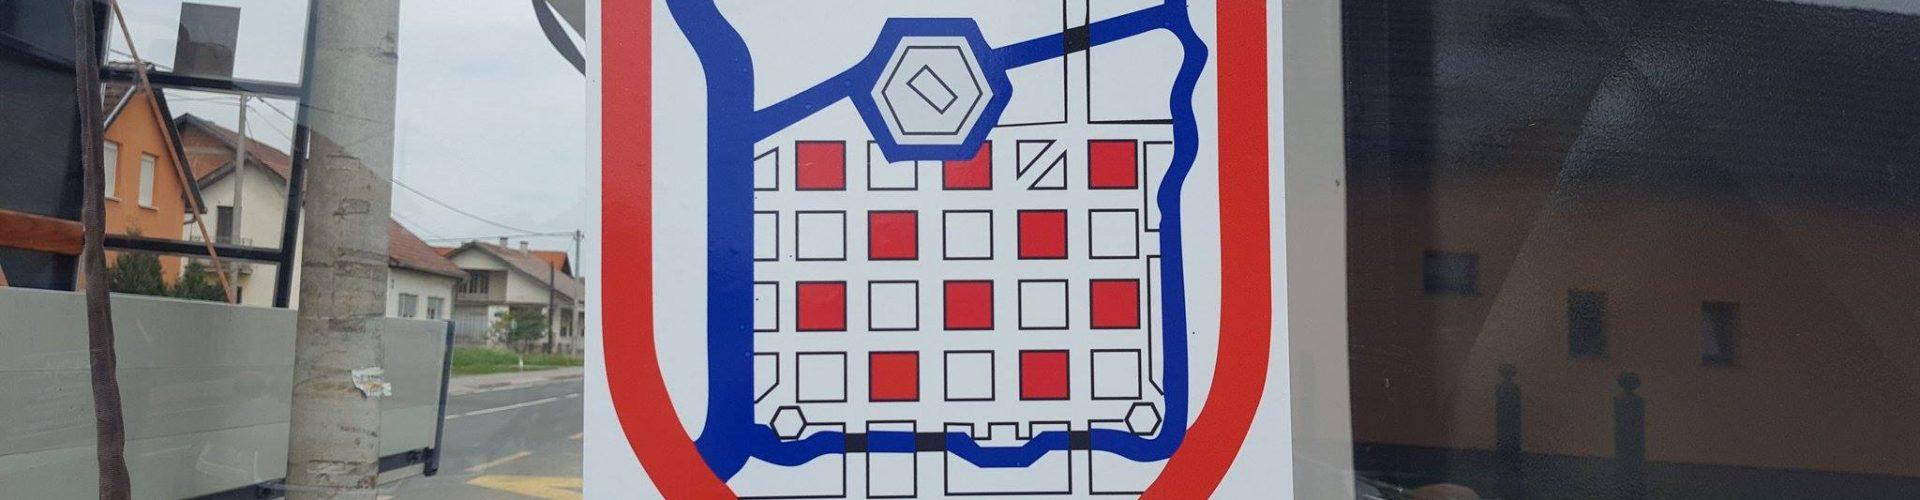 Izmjene i dopune Proračuna Grada Gline za 2018. godinu